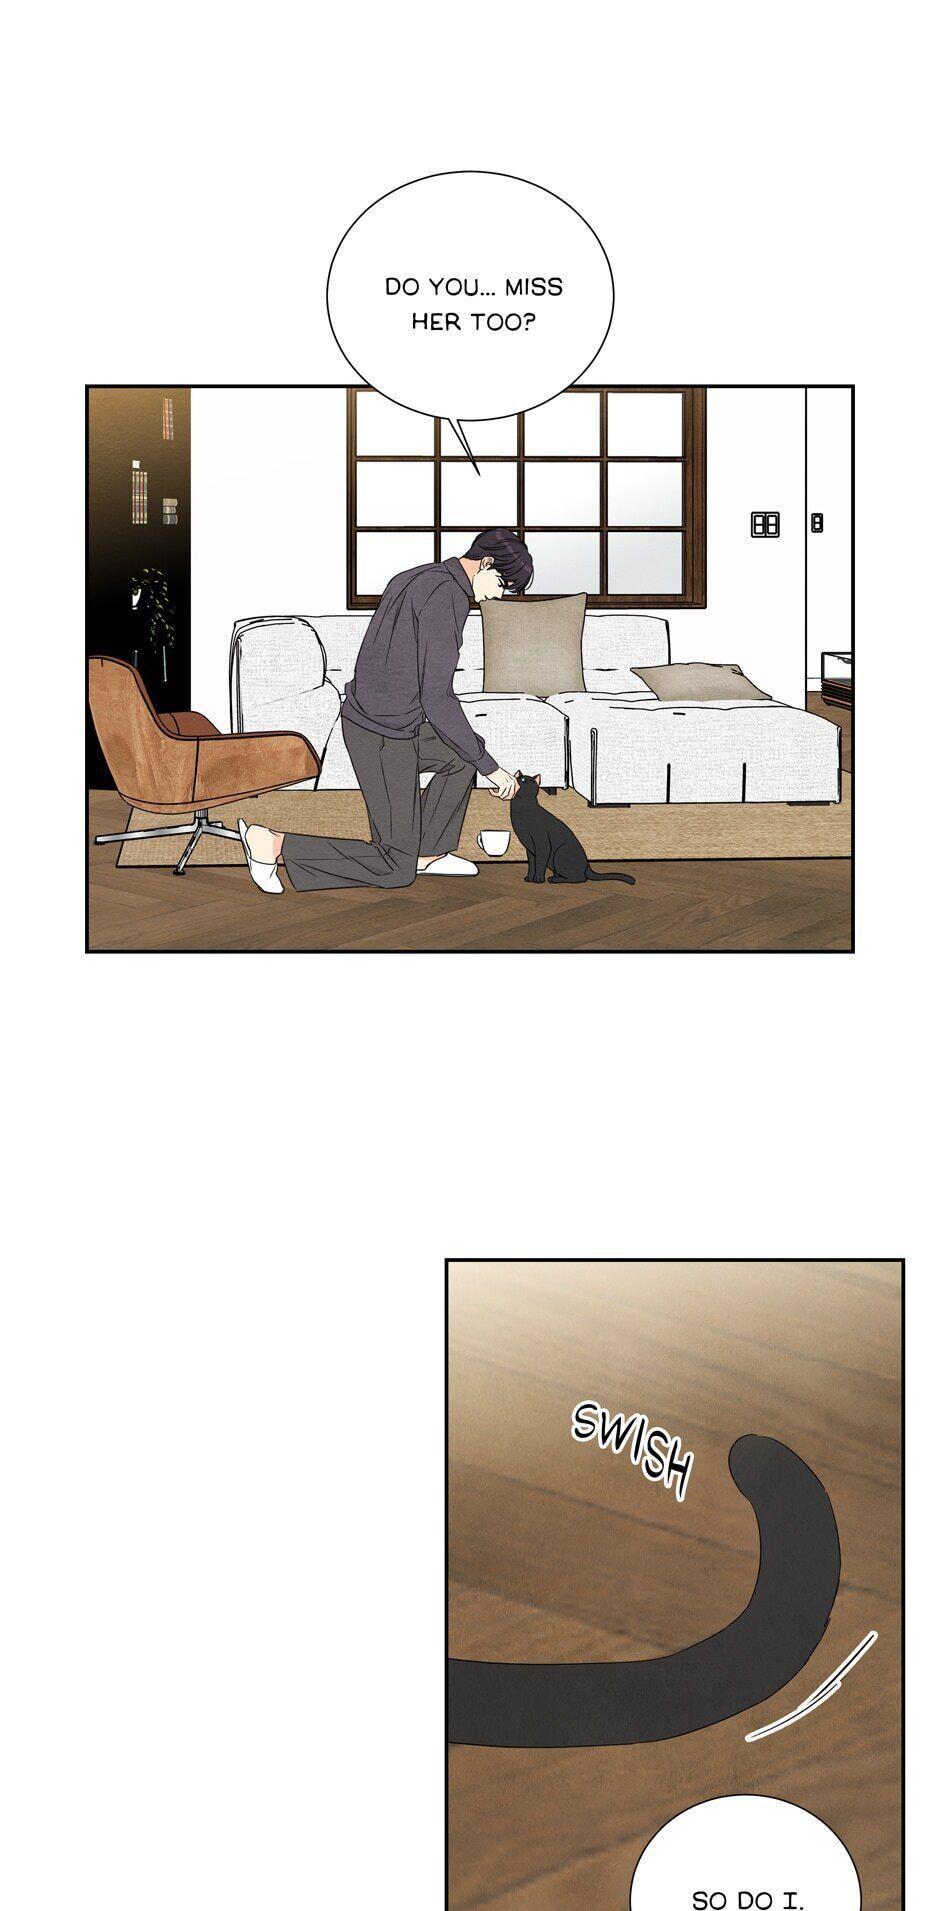 I Want To Do It, Even If It Hurtsa Chapter 55 page 35 - Mangakakalots.com